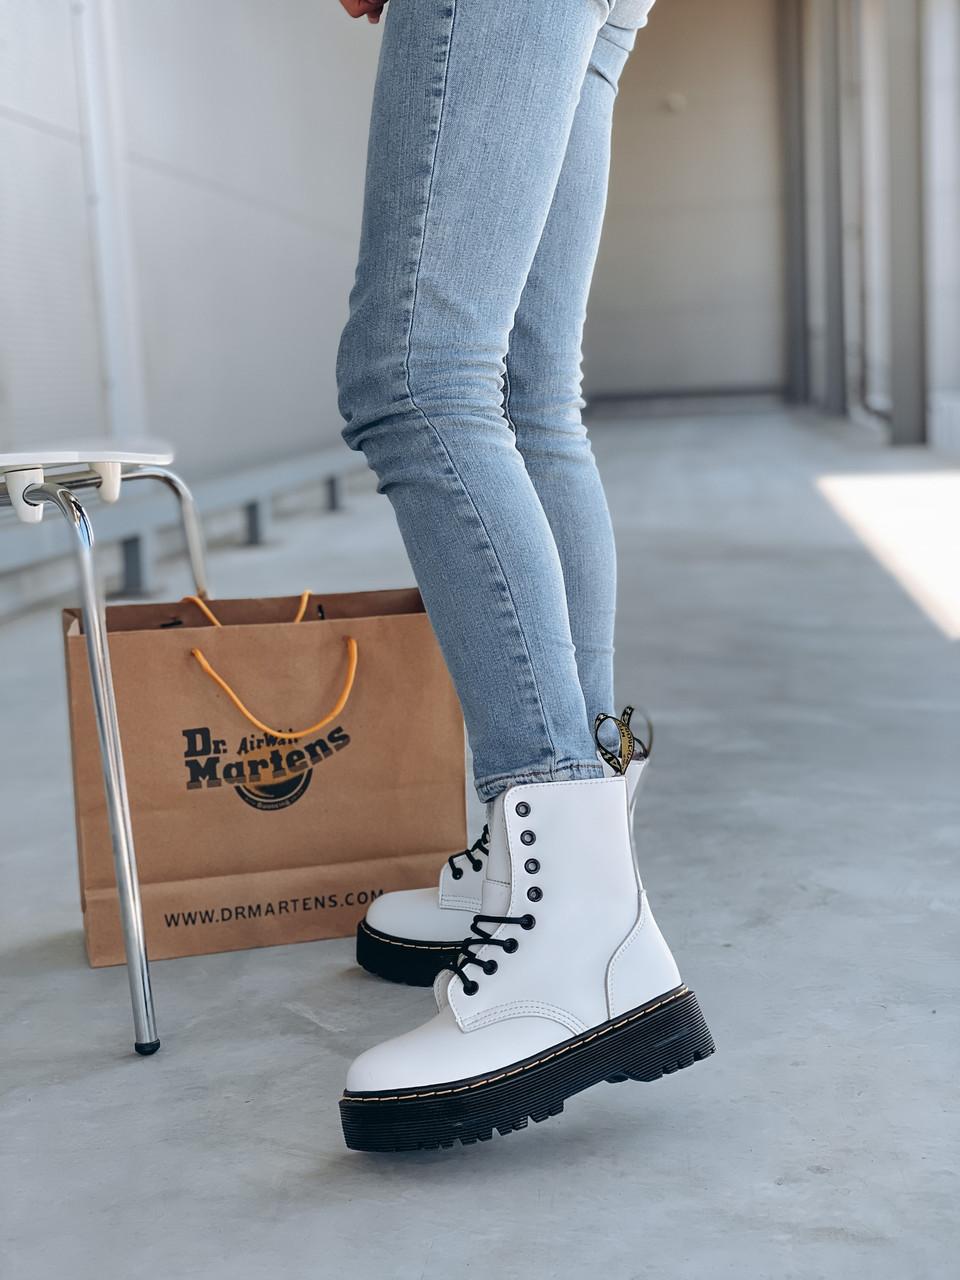 Женские осенние ботинки Dr. Martens Jadon (white/black),  ботинки женские Мартинс c молнией (Реплика ААА)